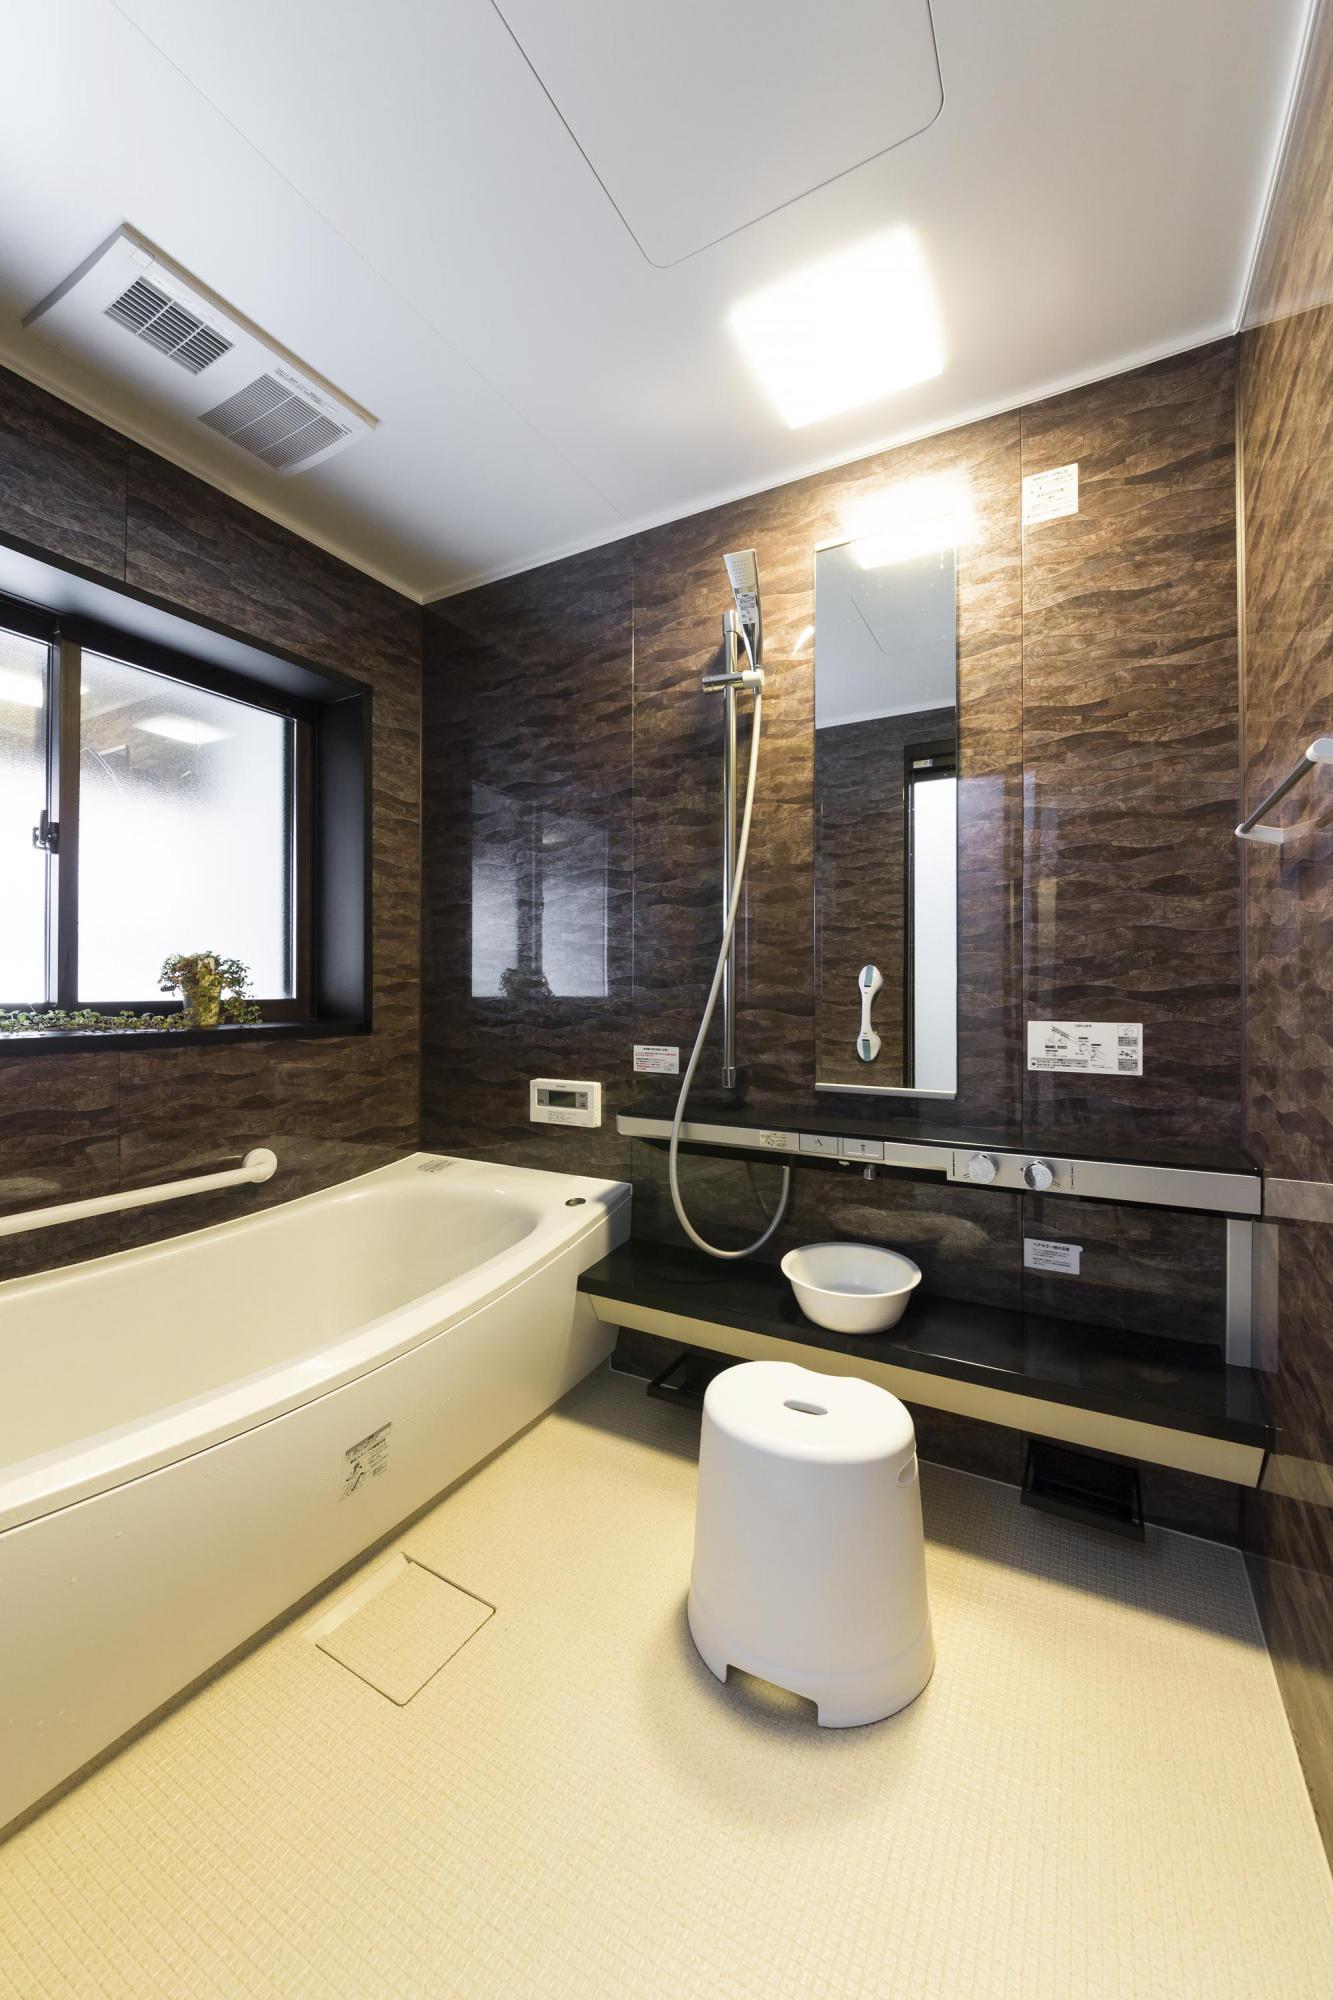 ブラウンとホワイトのシックな色づかいで仕上げたバスルーム。窓を大きくとり、洗い場のスペースも広げた。